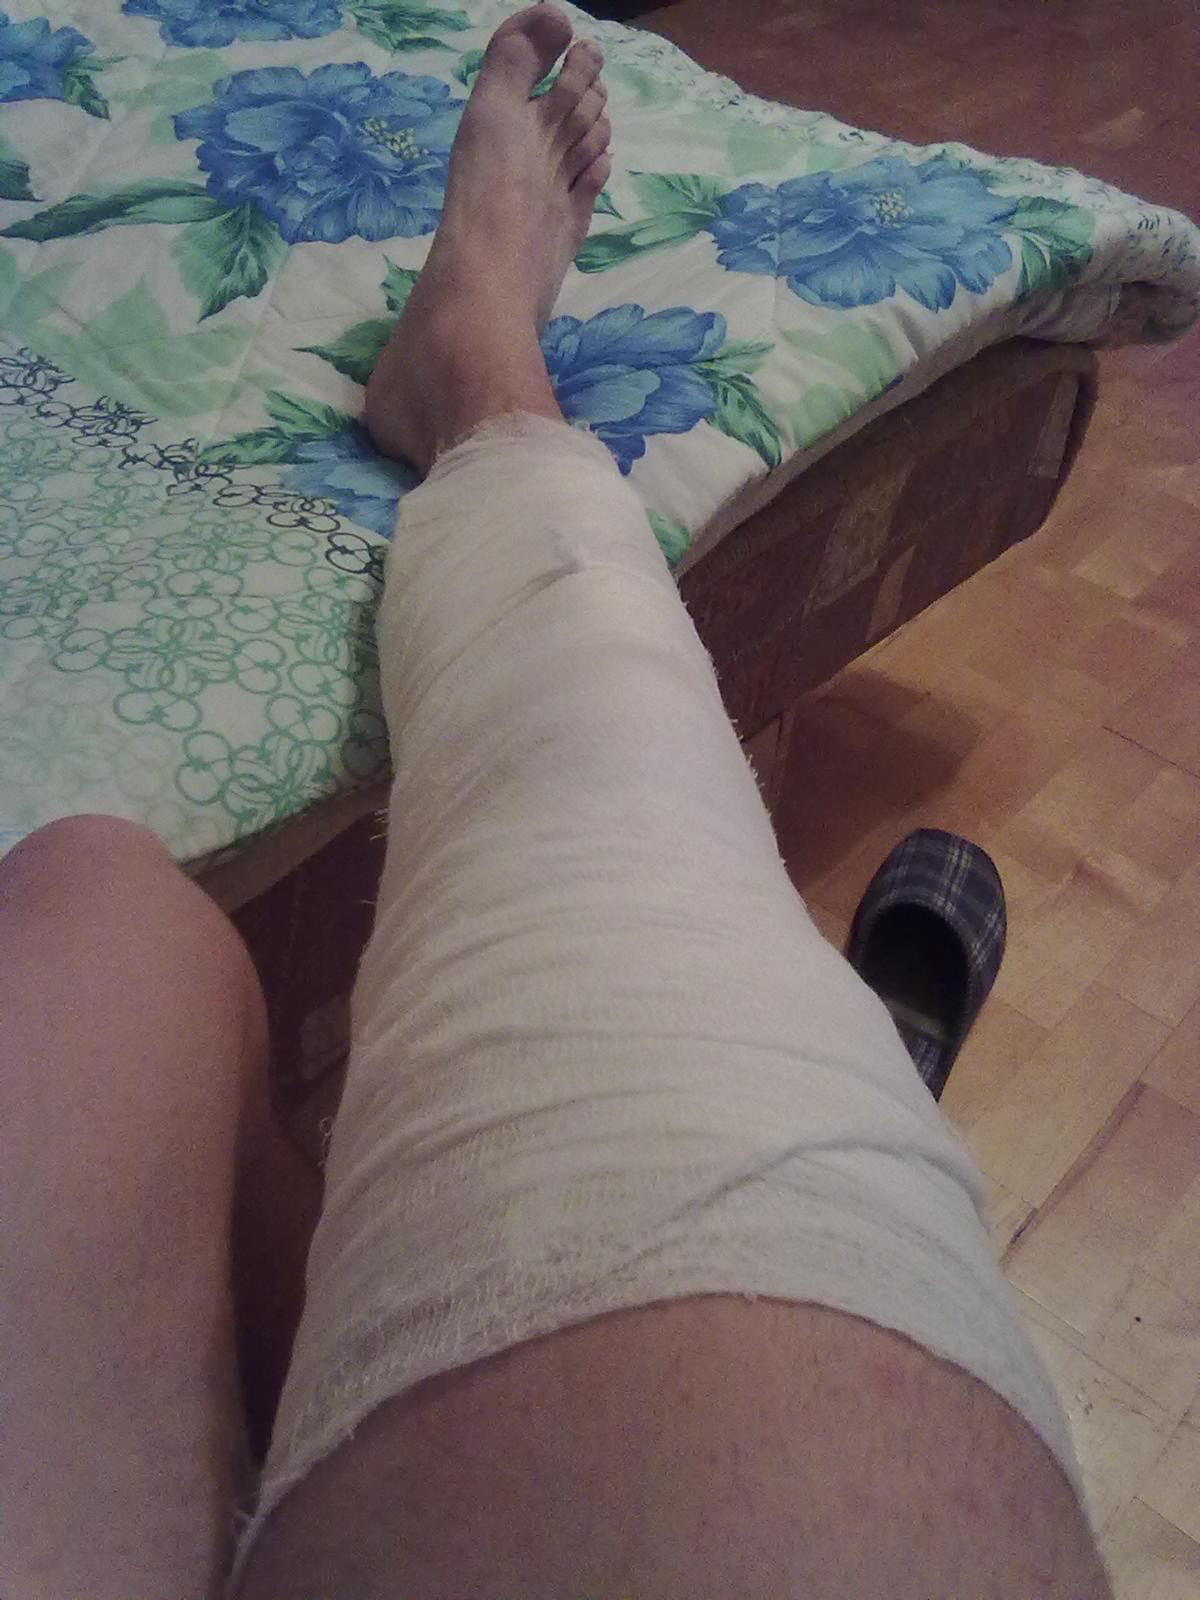 Неожиданно встал на людях ноги кость — 8